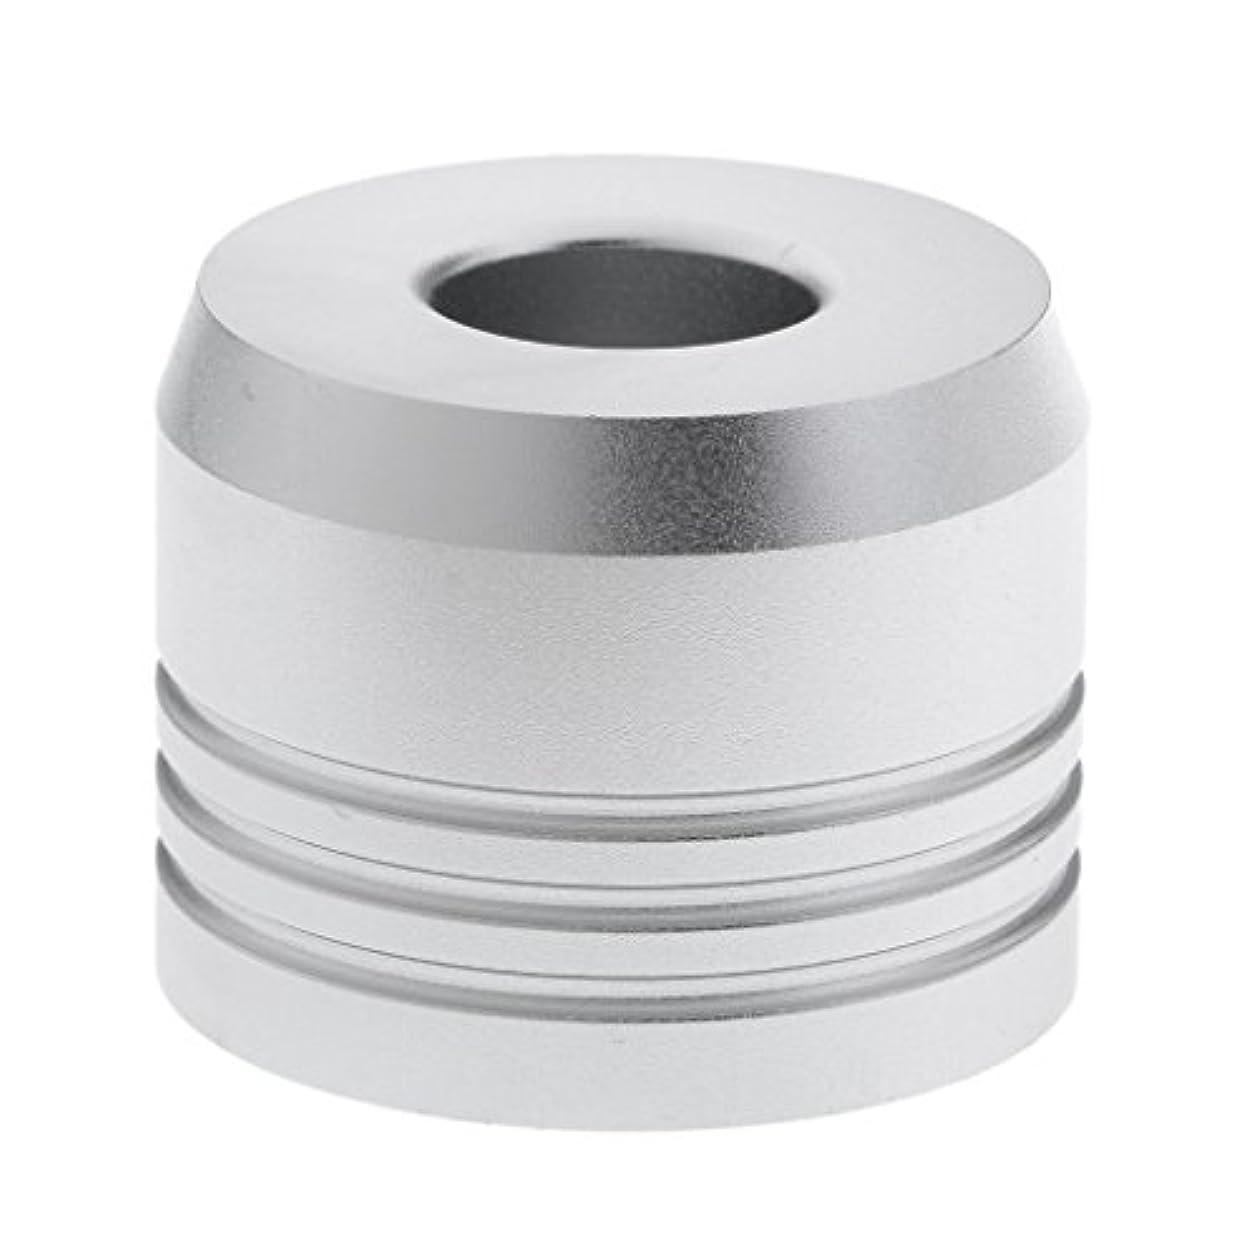 再発するやけど悲惨なカミソリスタンド スタンド シェービング カミソリホルダー ベース サポート 調節可 乾燥 2色選べ - 銀